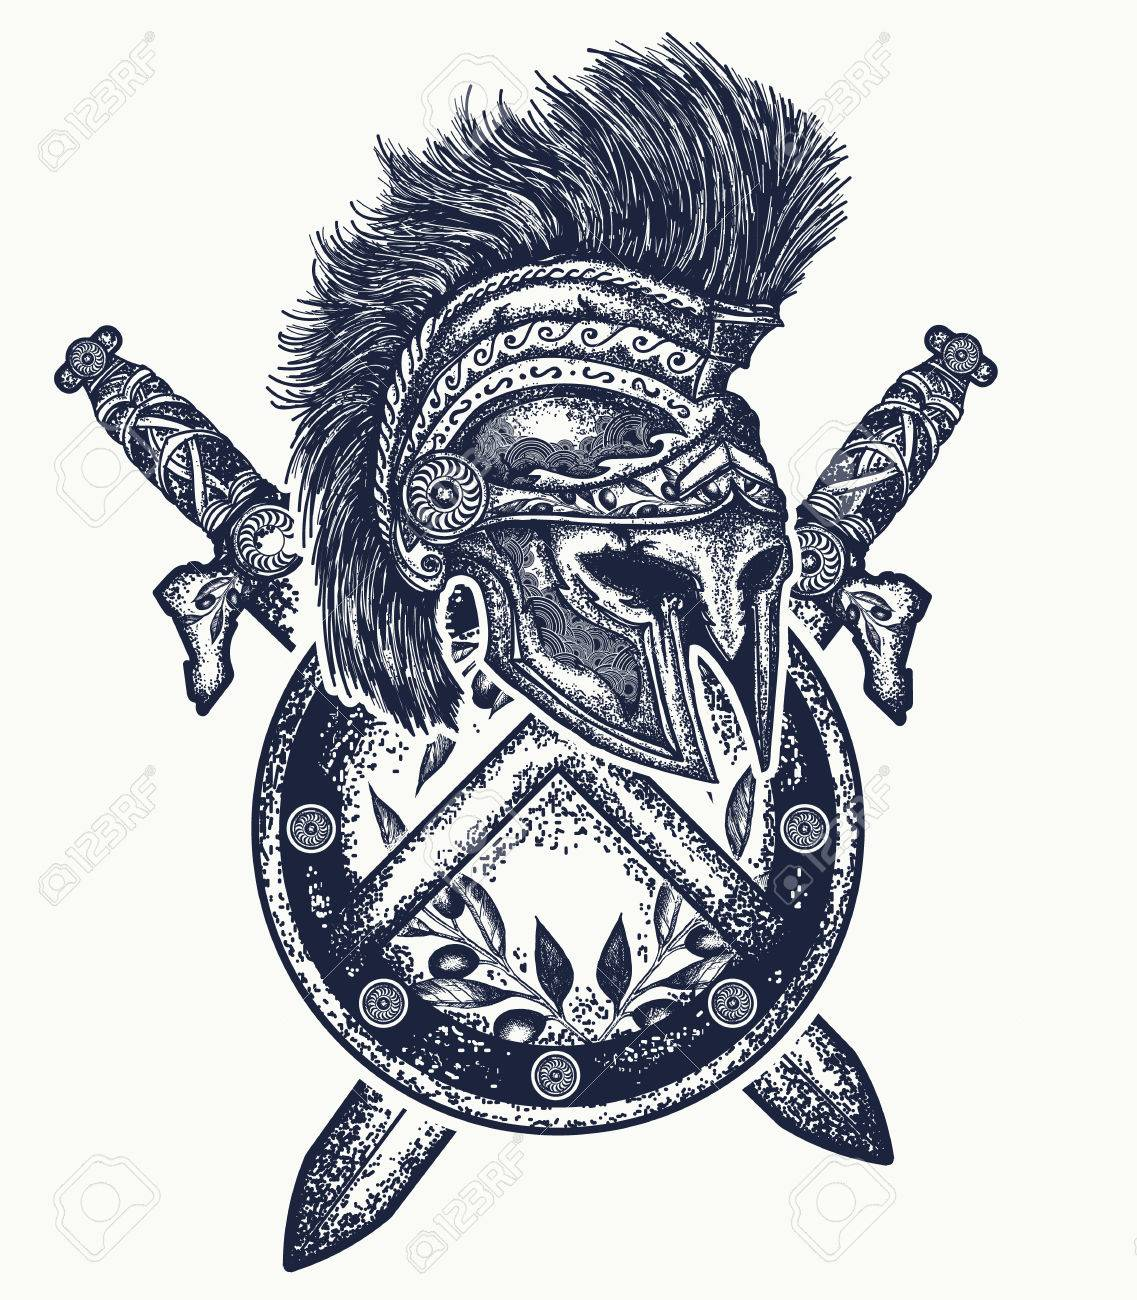 1137x1300 Spartan Helmet Crossed Swords And Spartan Shield. Symbol